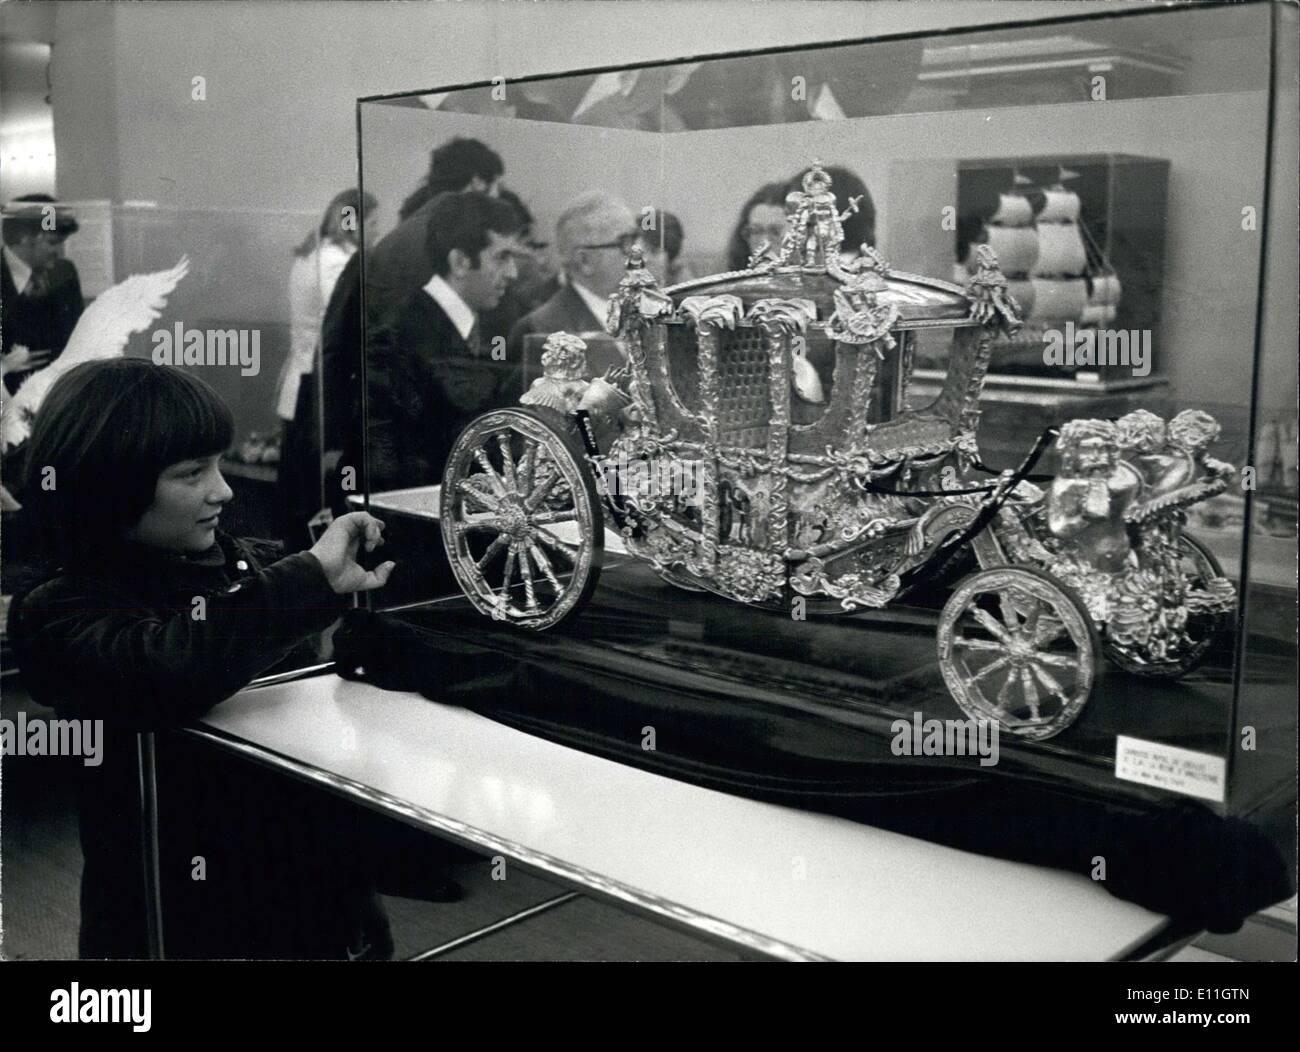 Febbraio 08, 1978 - Museo delle Arti decorative di Parigi,modello royal coach sul display Immagini Stock